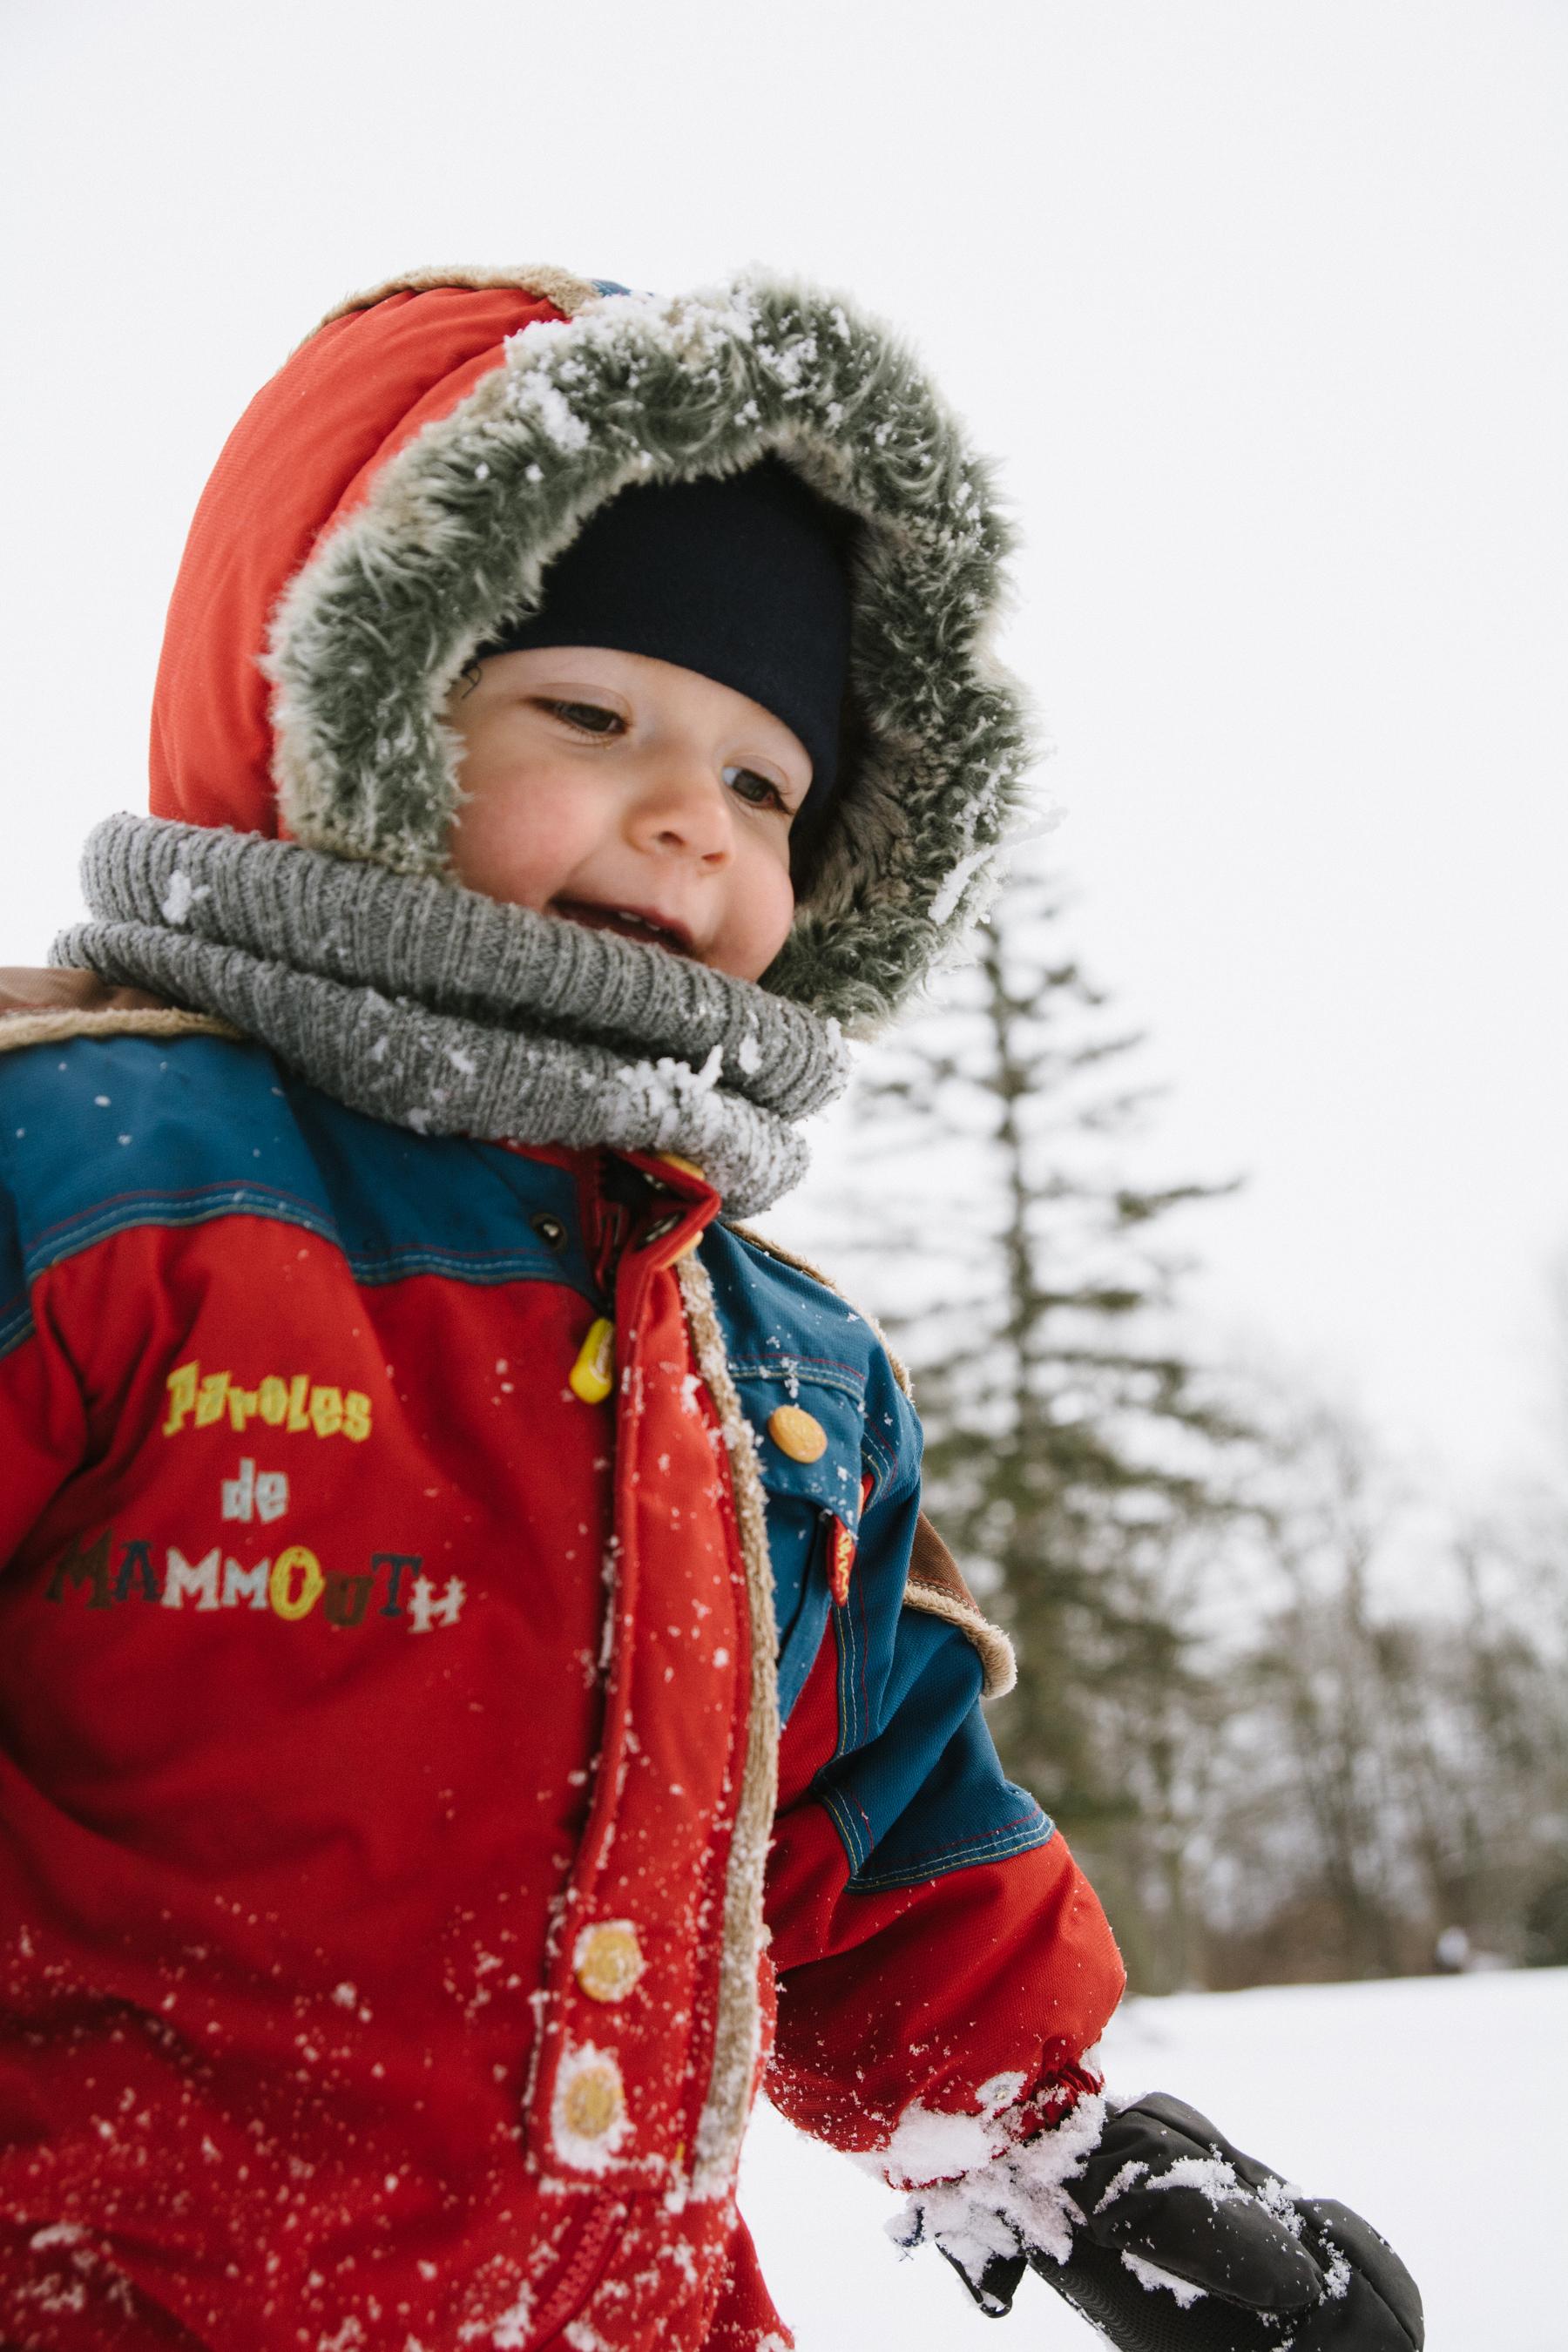 photo-d-un-enfant-en-habit-de-neige-l-hiver-a-montreal-photographe-enfant-famille-montreal.jpg